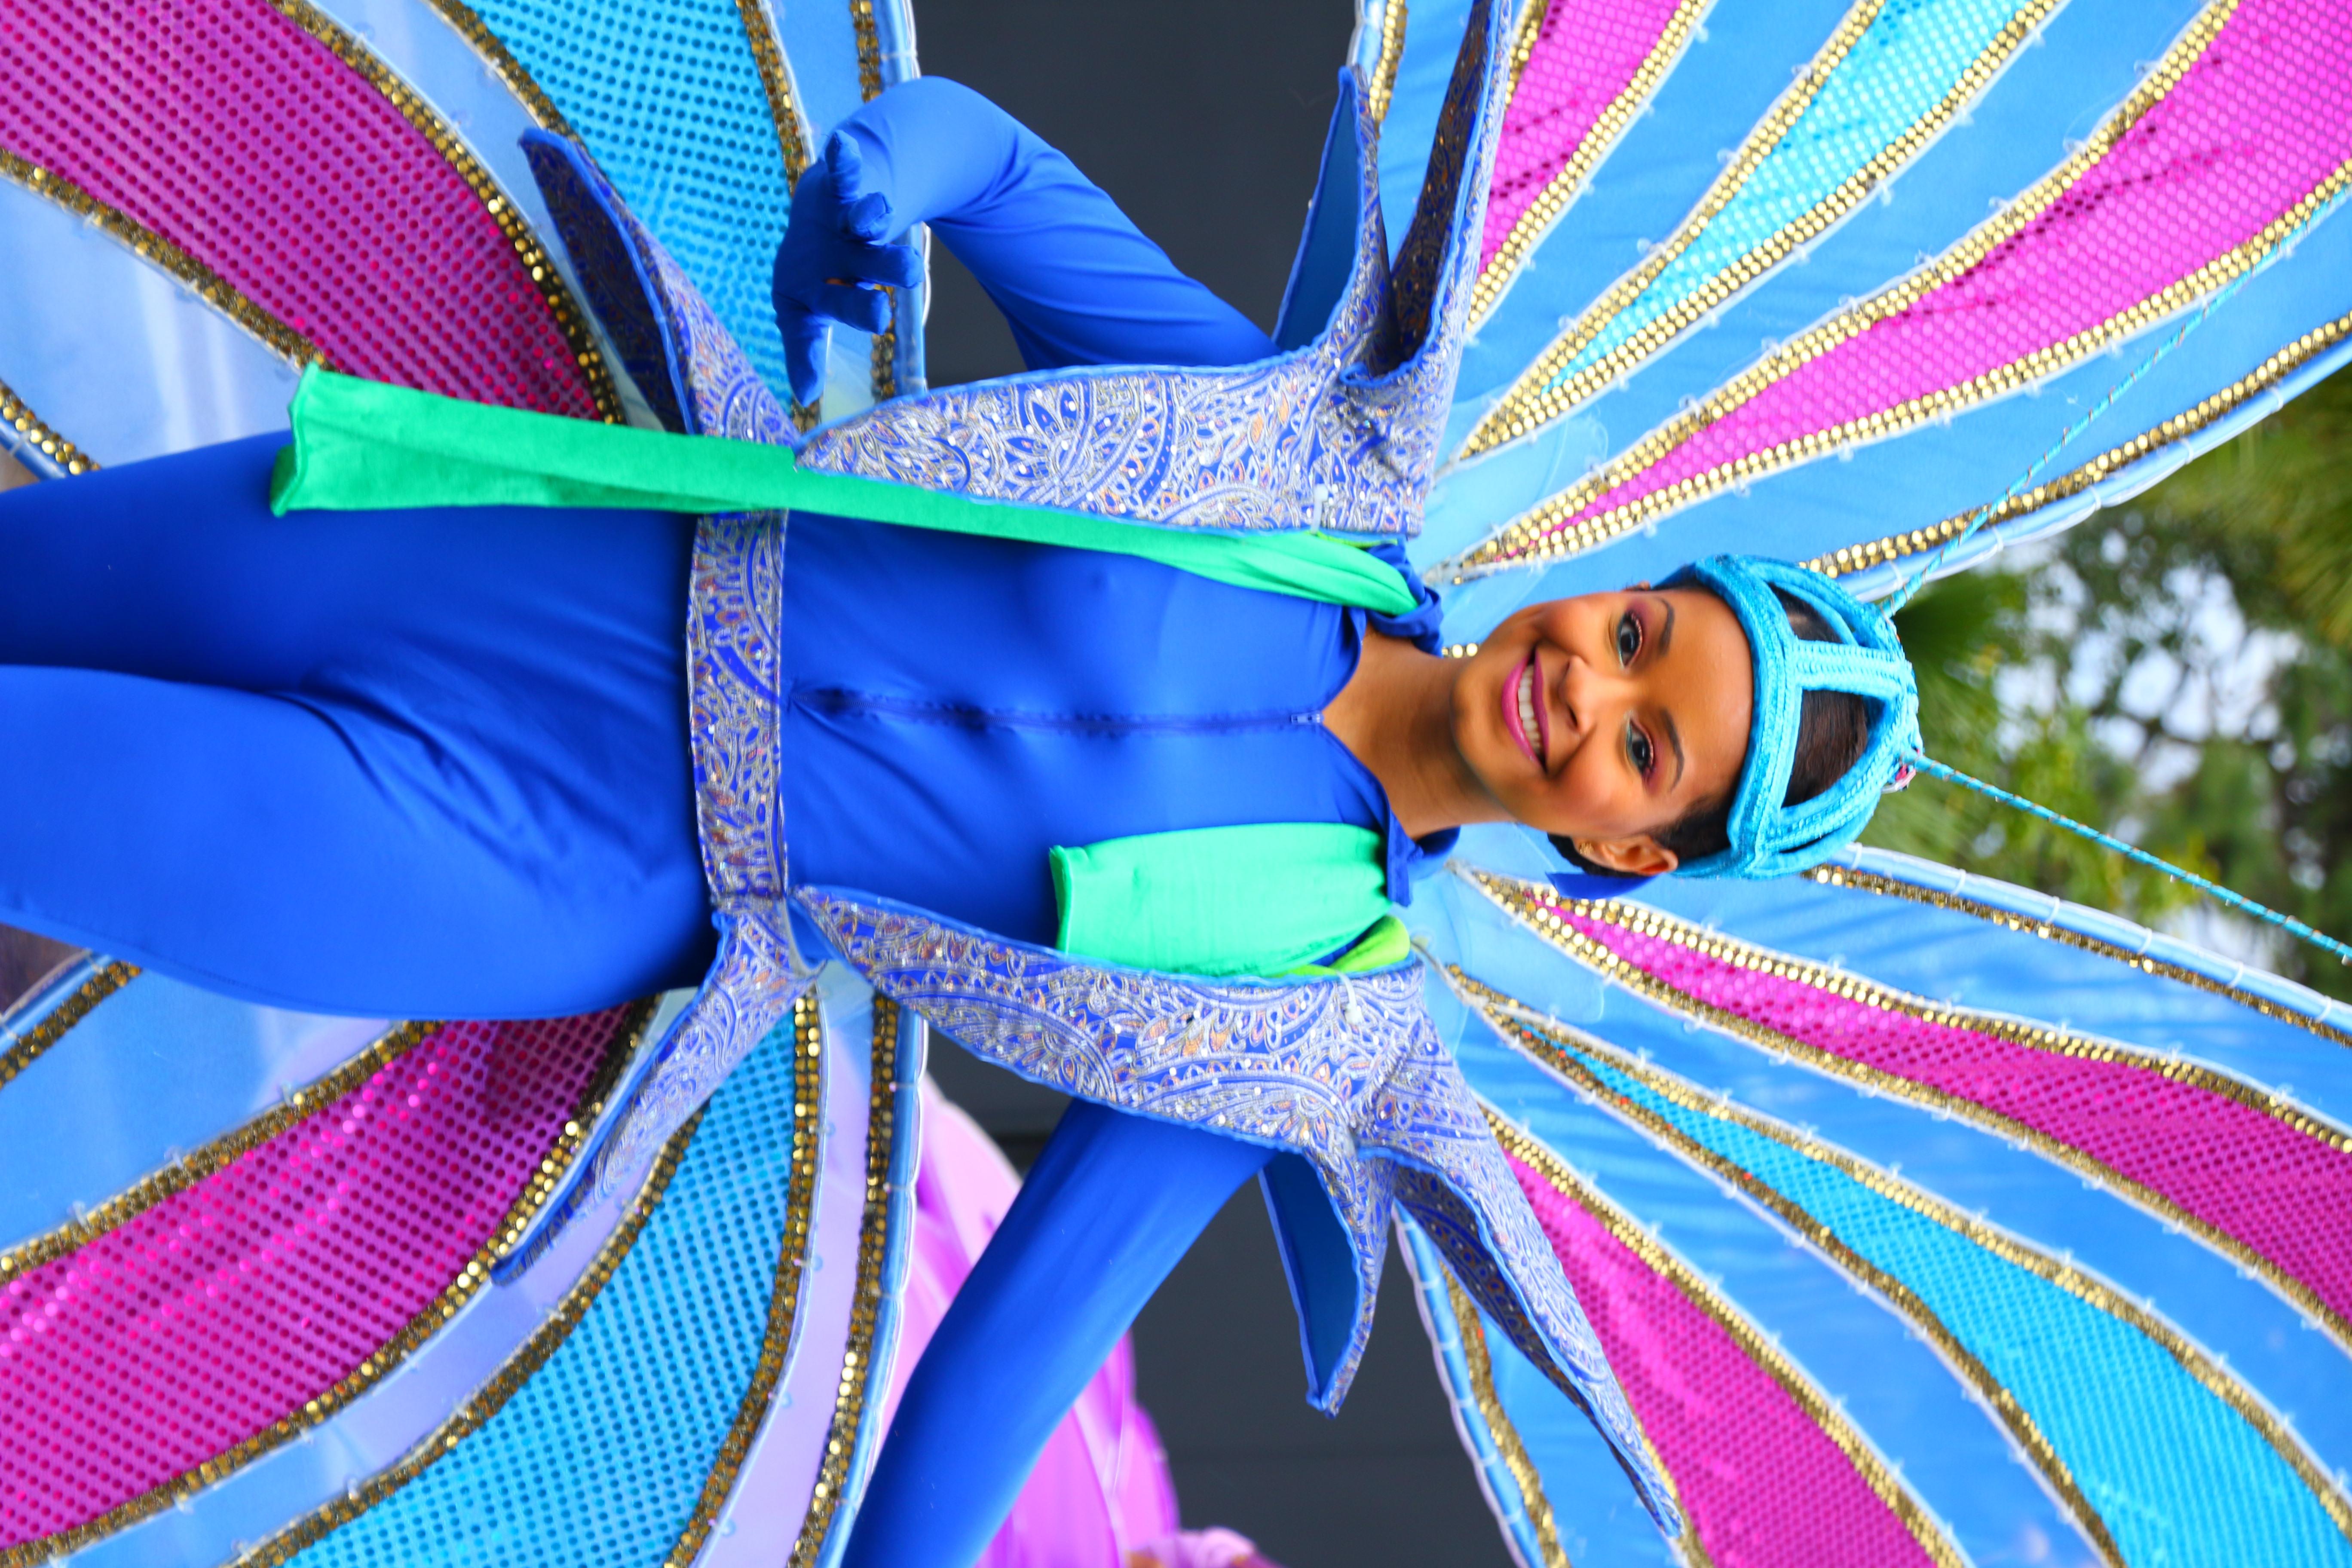 BATAILLE DE FLEURS - NICE 2018